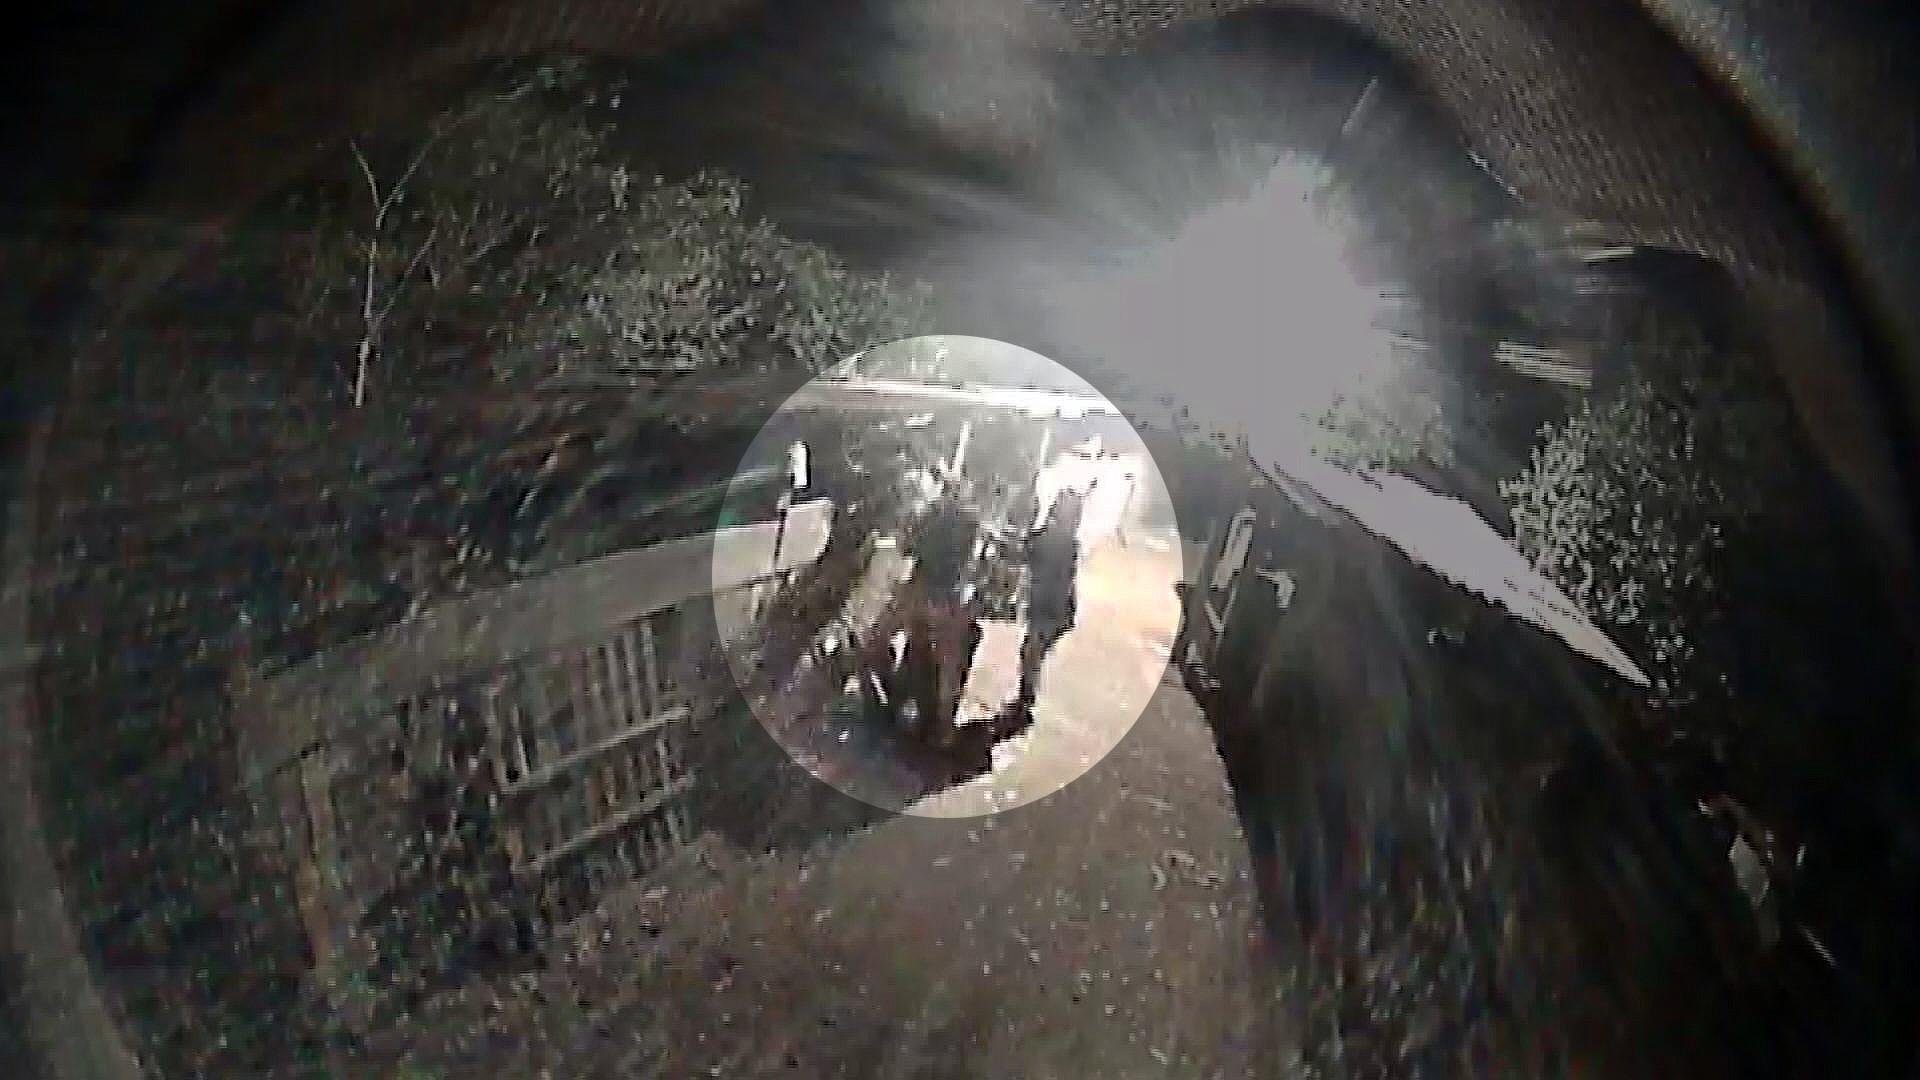 Câmera em chiqueiro flagra furto de três porcos na zona rural de Ipuã, SP